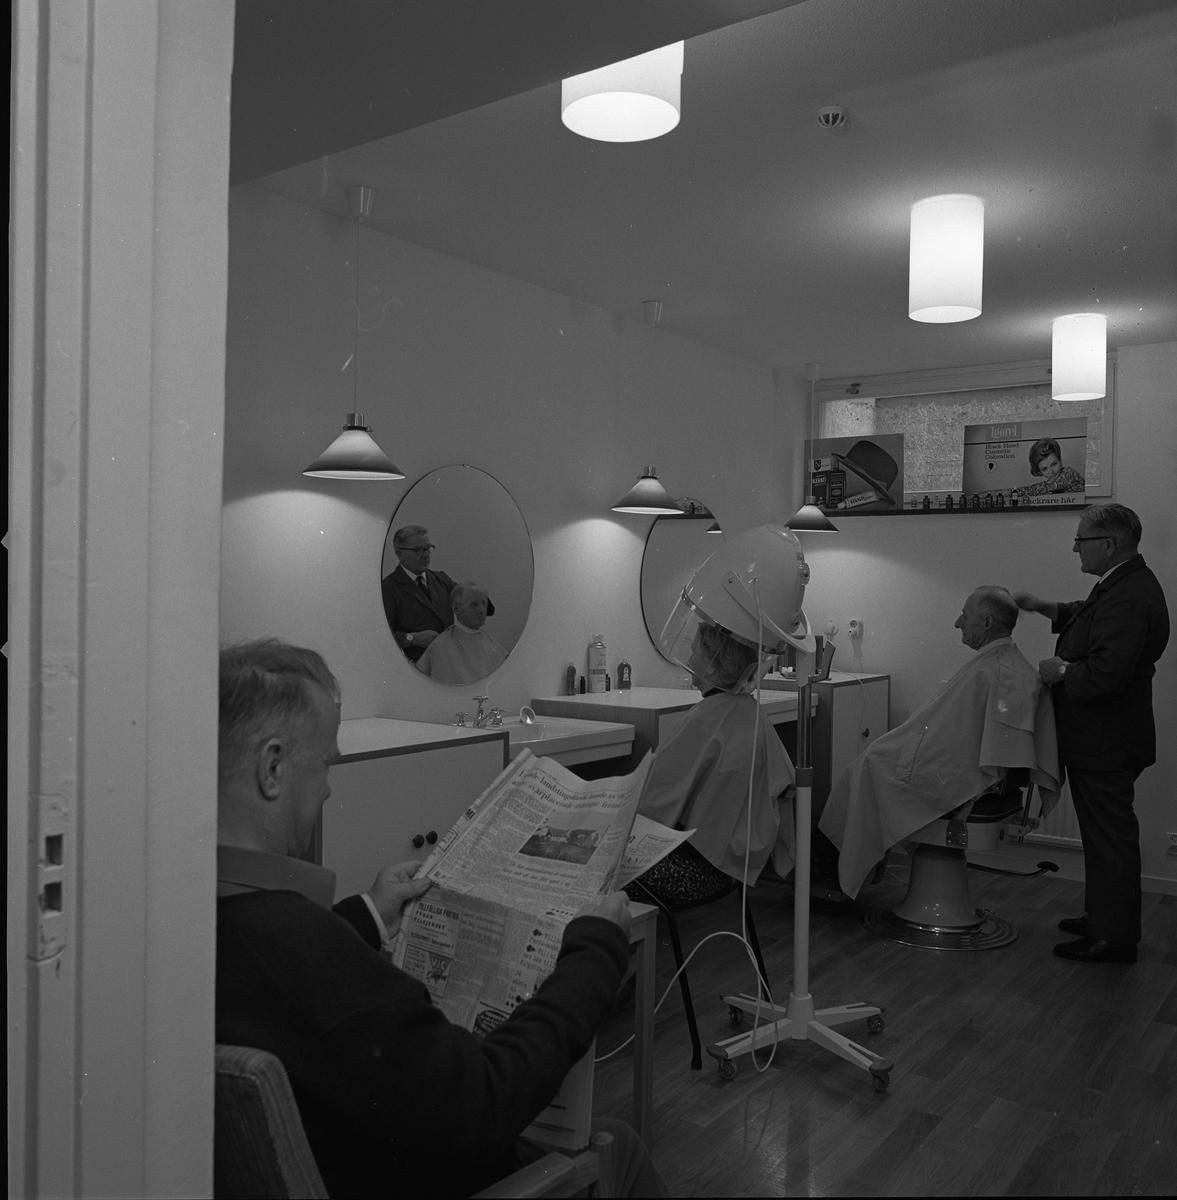 Frisör Axel Fritiof Strandberg (kallad Atschy) i salongen på det nyöppnade ålderdomshemmet Strömsborg. Axel klipper en kund. En kvinna sitter i torkhuven. En man läser en tidning.